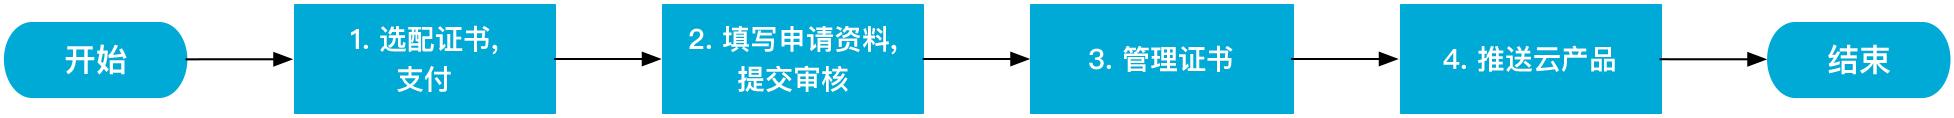 阿里云轻量服务器HTTPS证书加密-阿里云轻量应用服务器